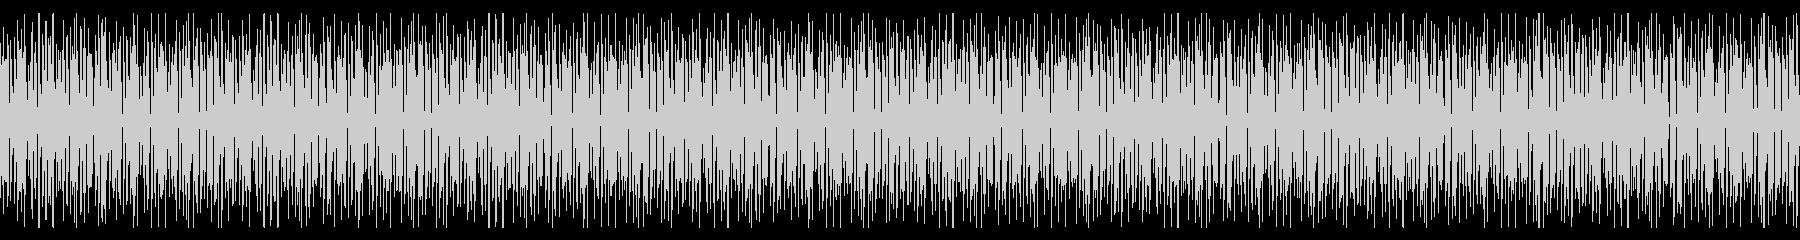 明るく跳ねるようなリズムのピアノループ曲の未再生の波形